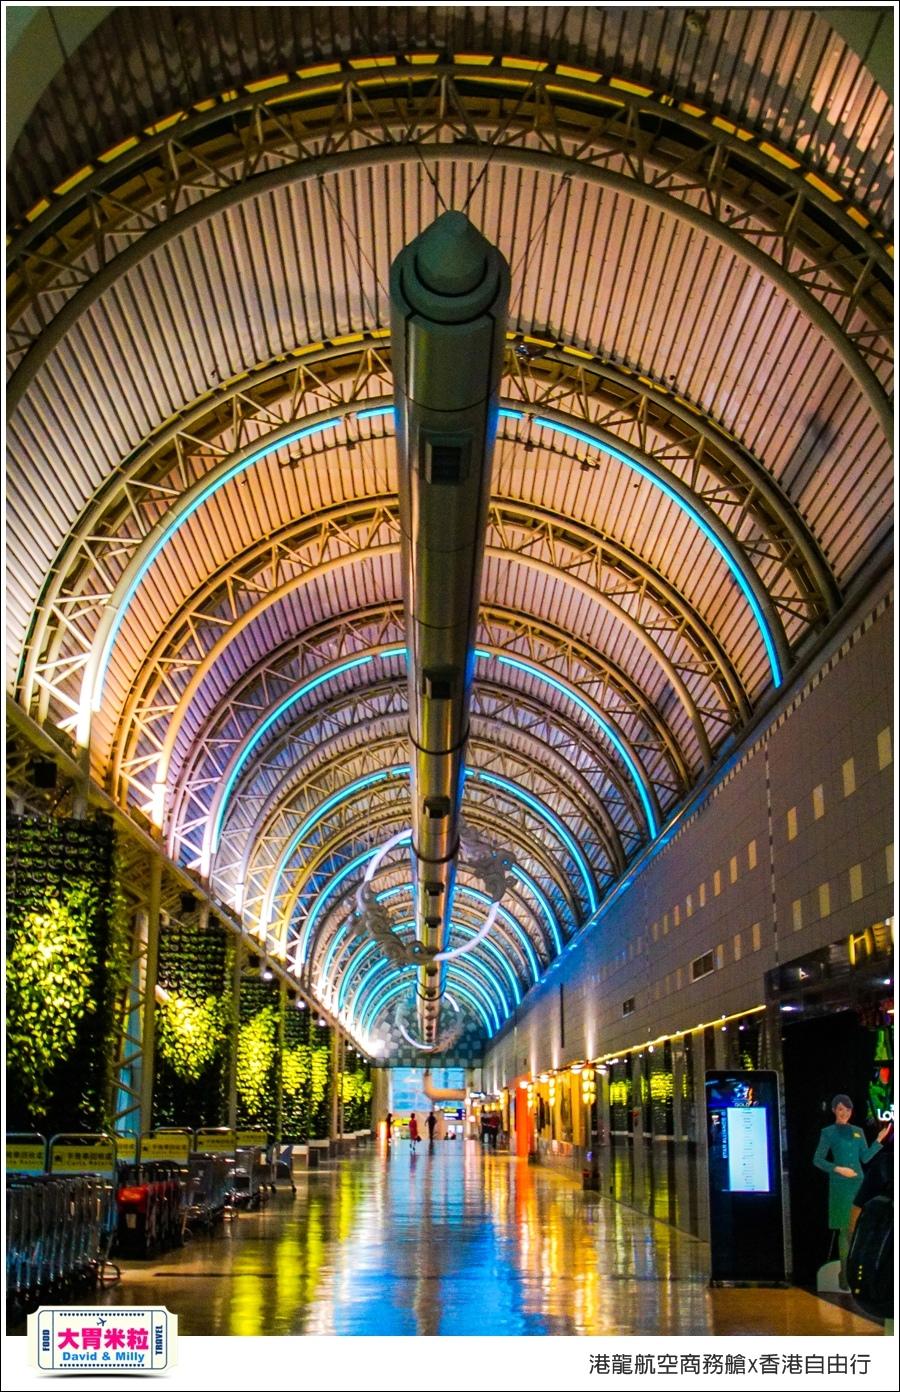 港龍航空商務艙x香港自由行三天兩夜行程推薦@大胃米粒009.jpg